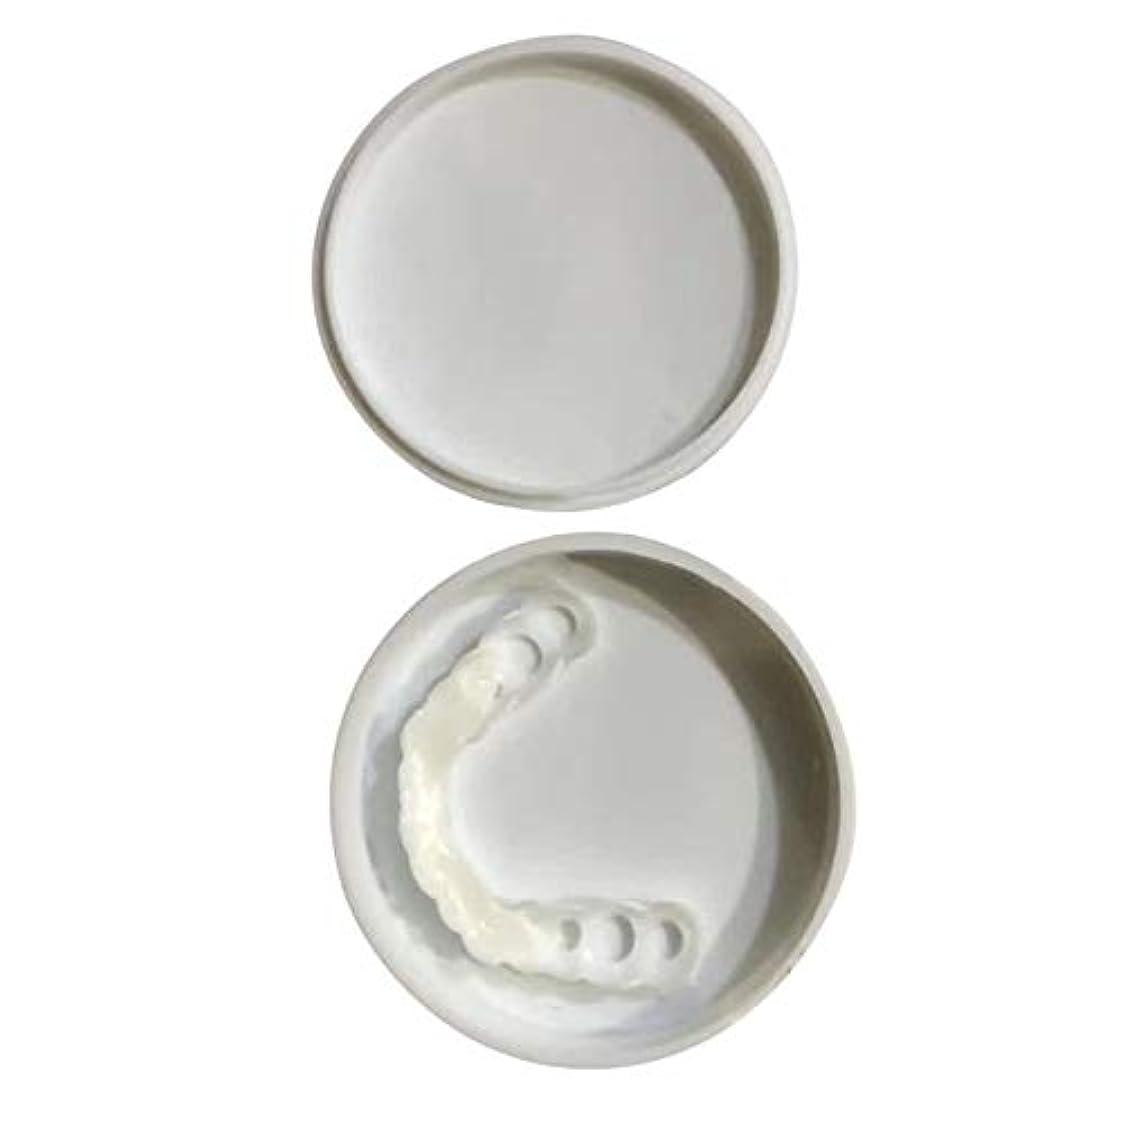 テーブルを設定するちょっと待って確認する快適なスナップオン男性女性歯インスタントパーフェクトスマイルコンフォートフィットフレックス歯フィットホワイトニング笑顔偽歯カバー - ホワイト